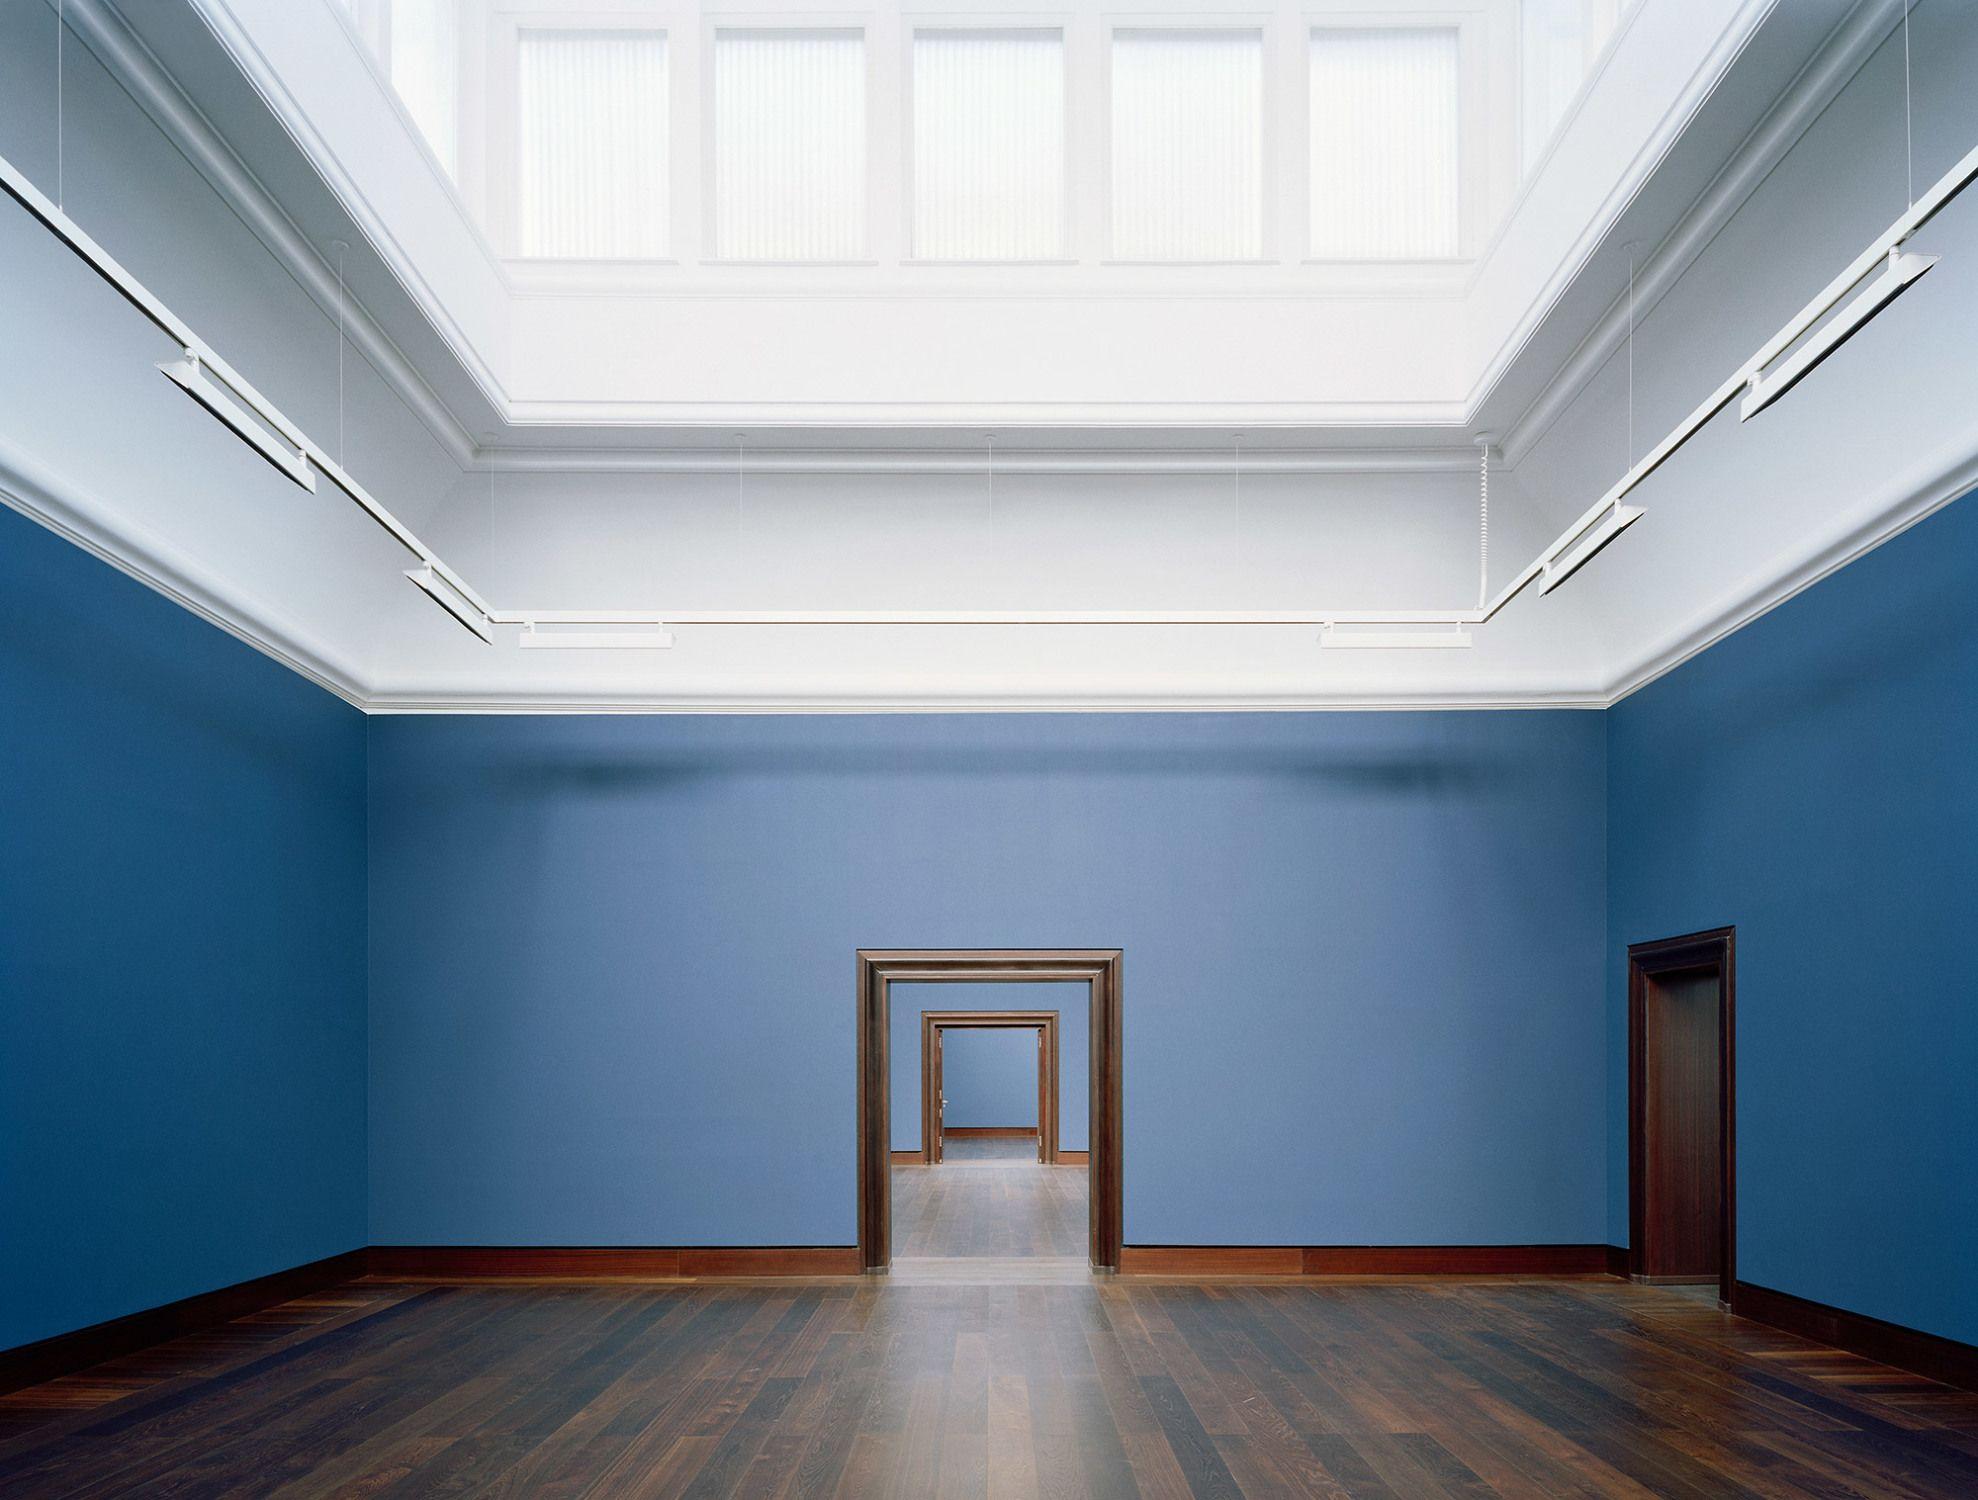 Kunsthalle Hamburg - Eröffnungswochenende nach Umbau